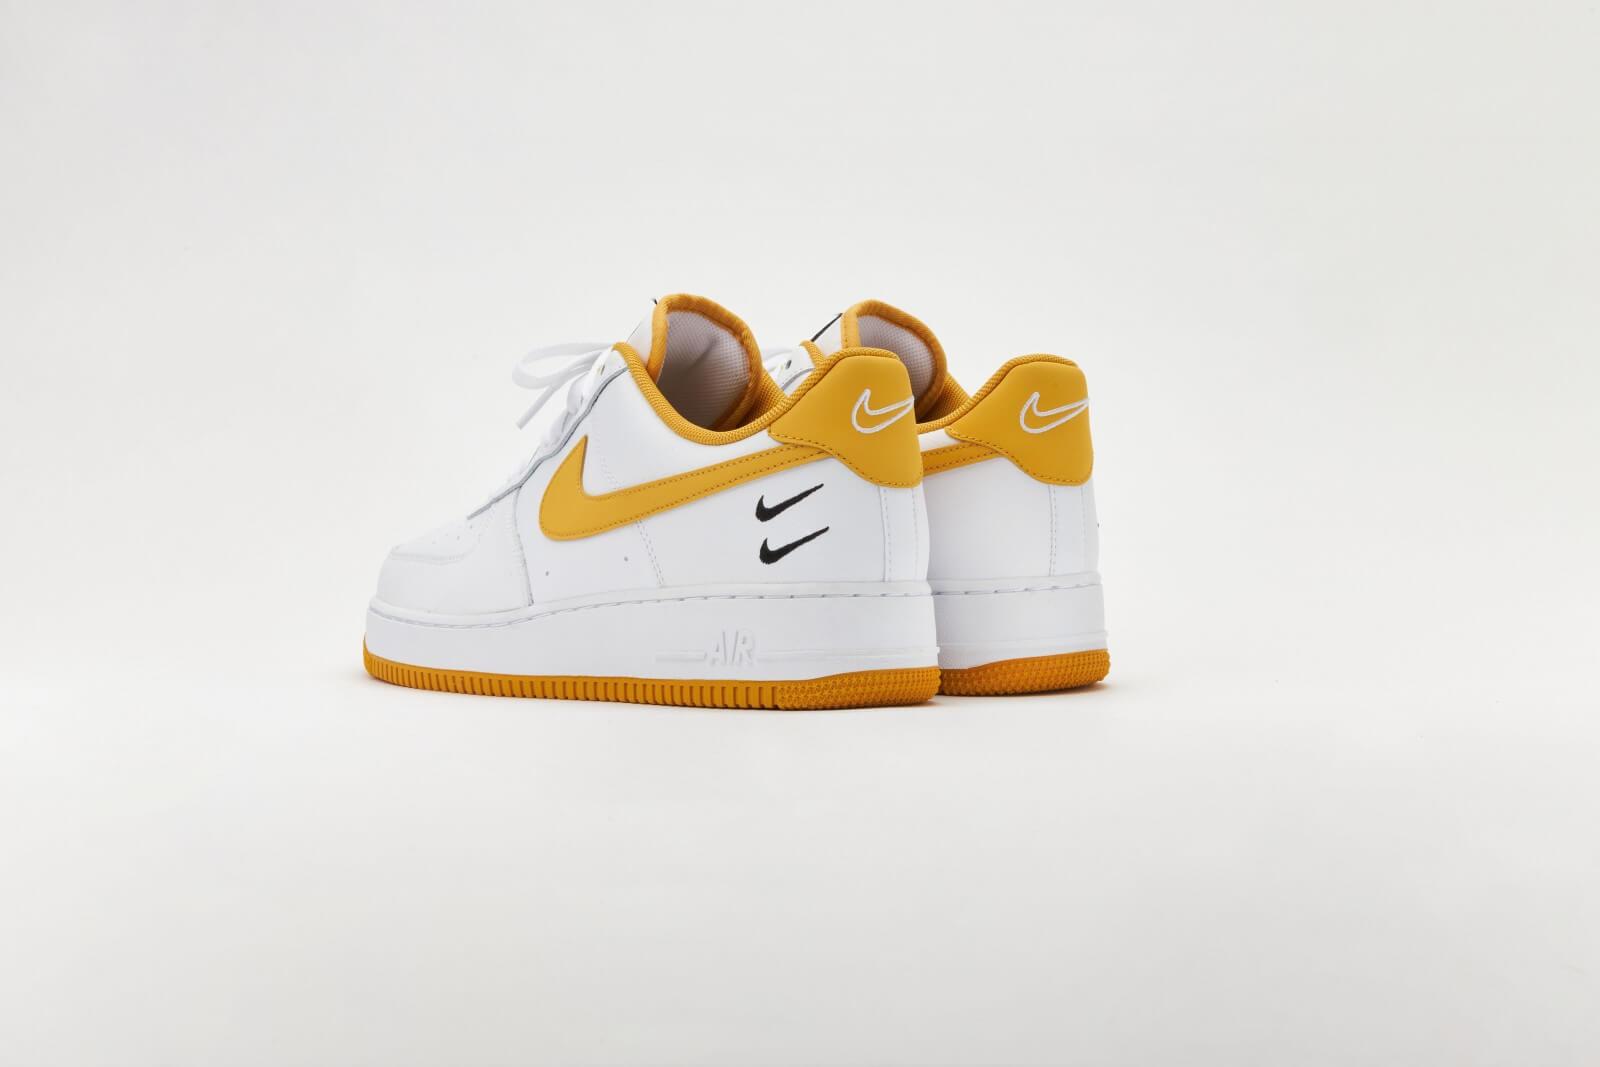 Nike Air Force 1 '07 White/Light Ginger-Black